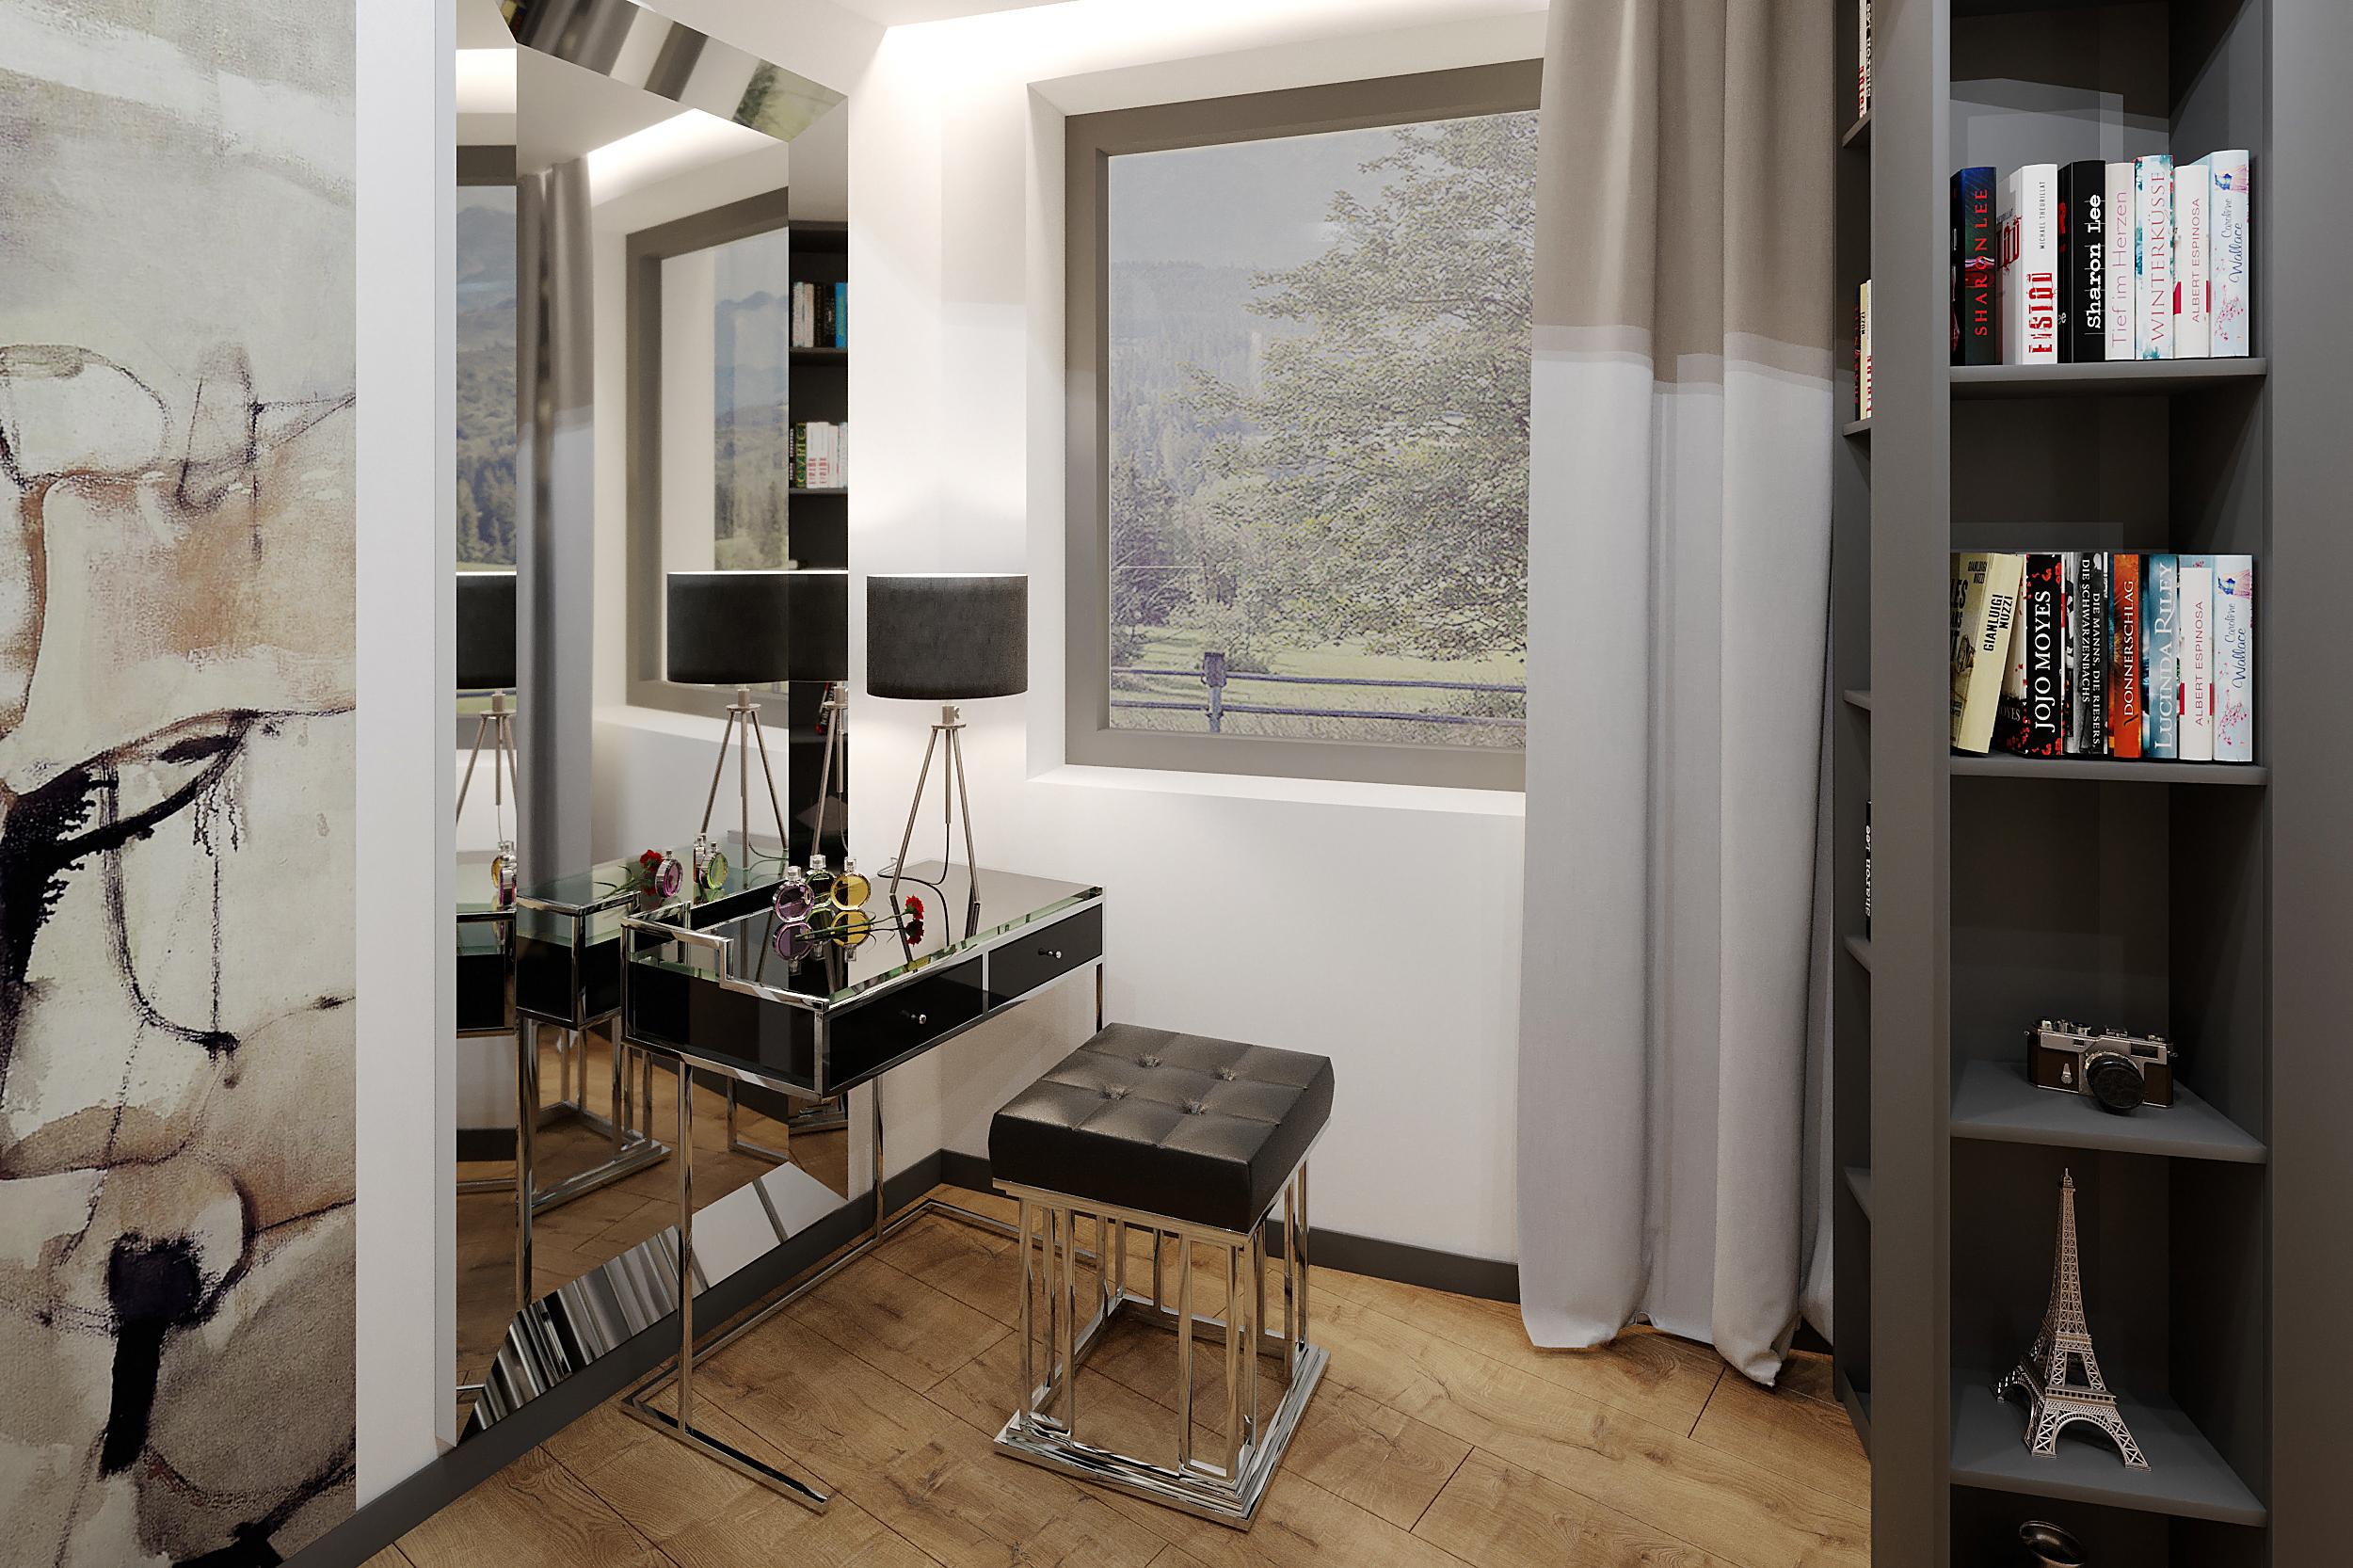 moderny interier bytovy dizajn (1)